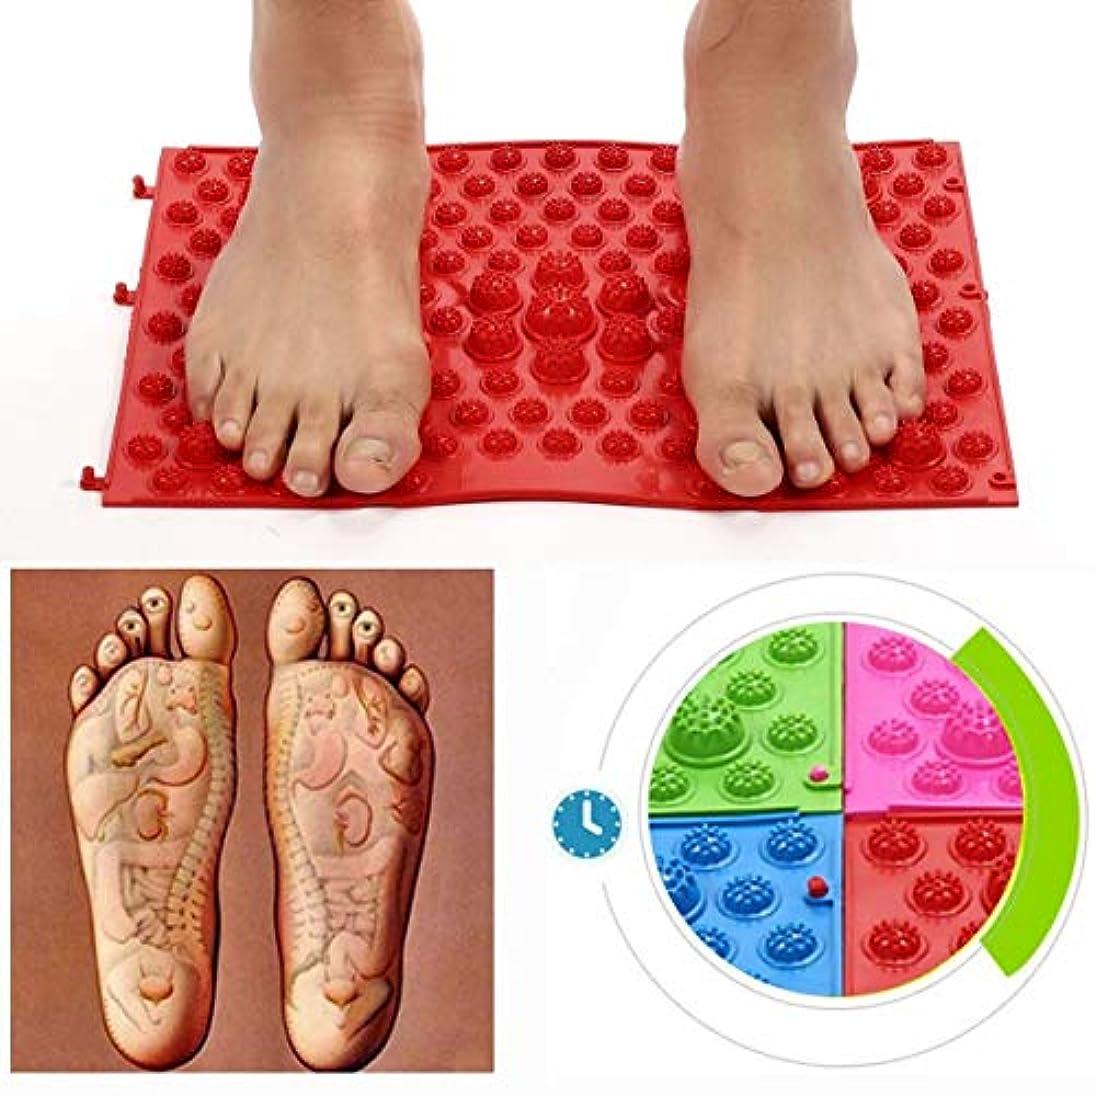 好色な抹消詩人Acupressure Foot Mats Running Man Game Same Type Foot Reflexology Walking Massage Mat for Pain Relief Stress Relief...